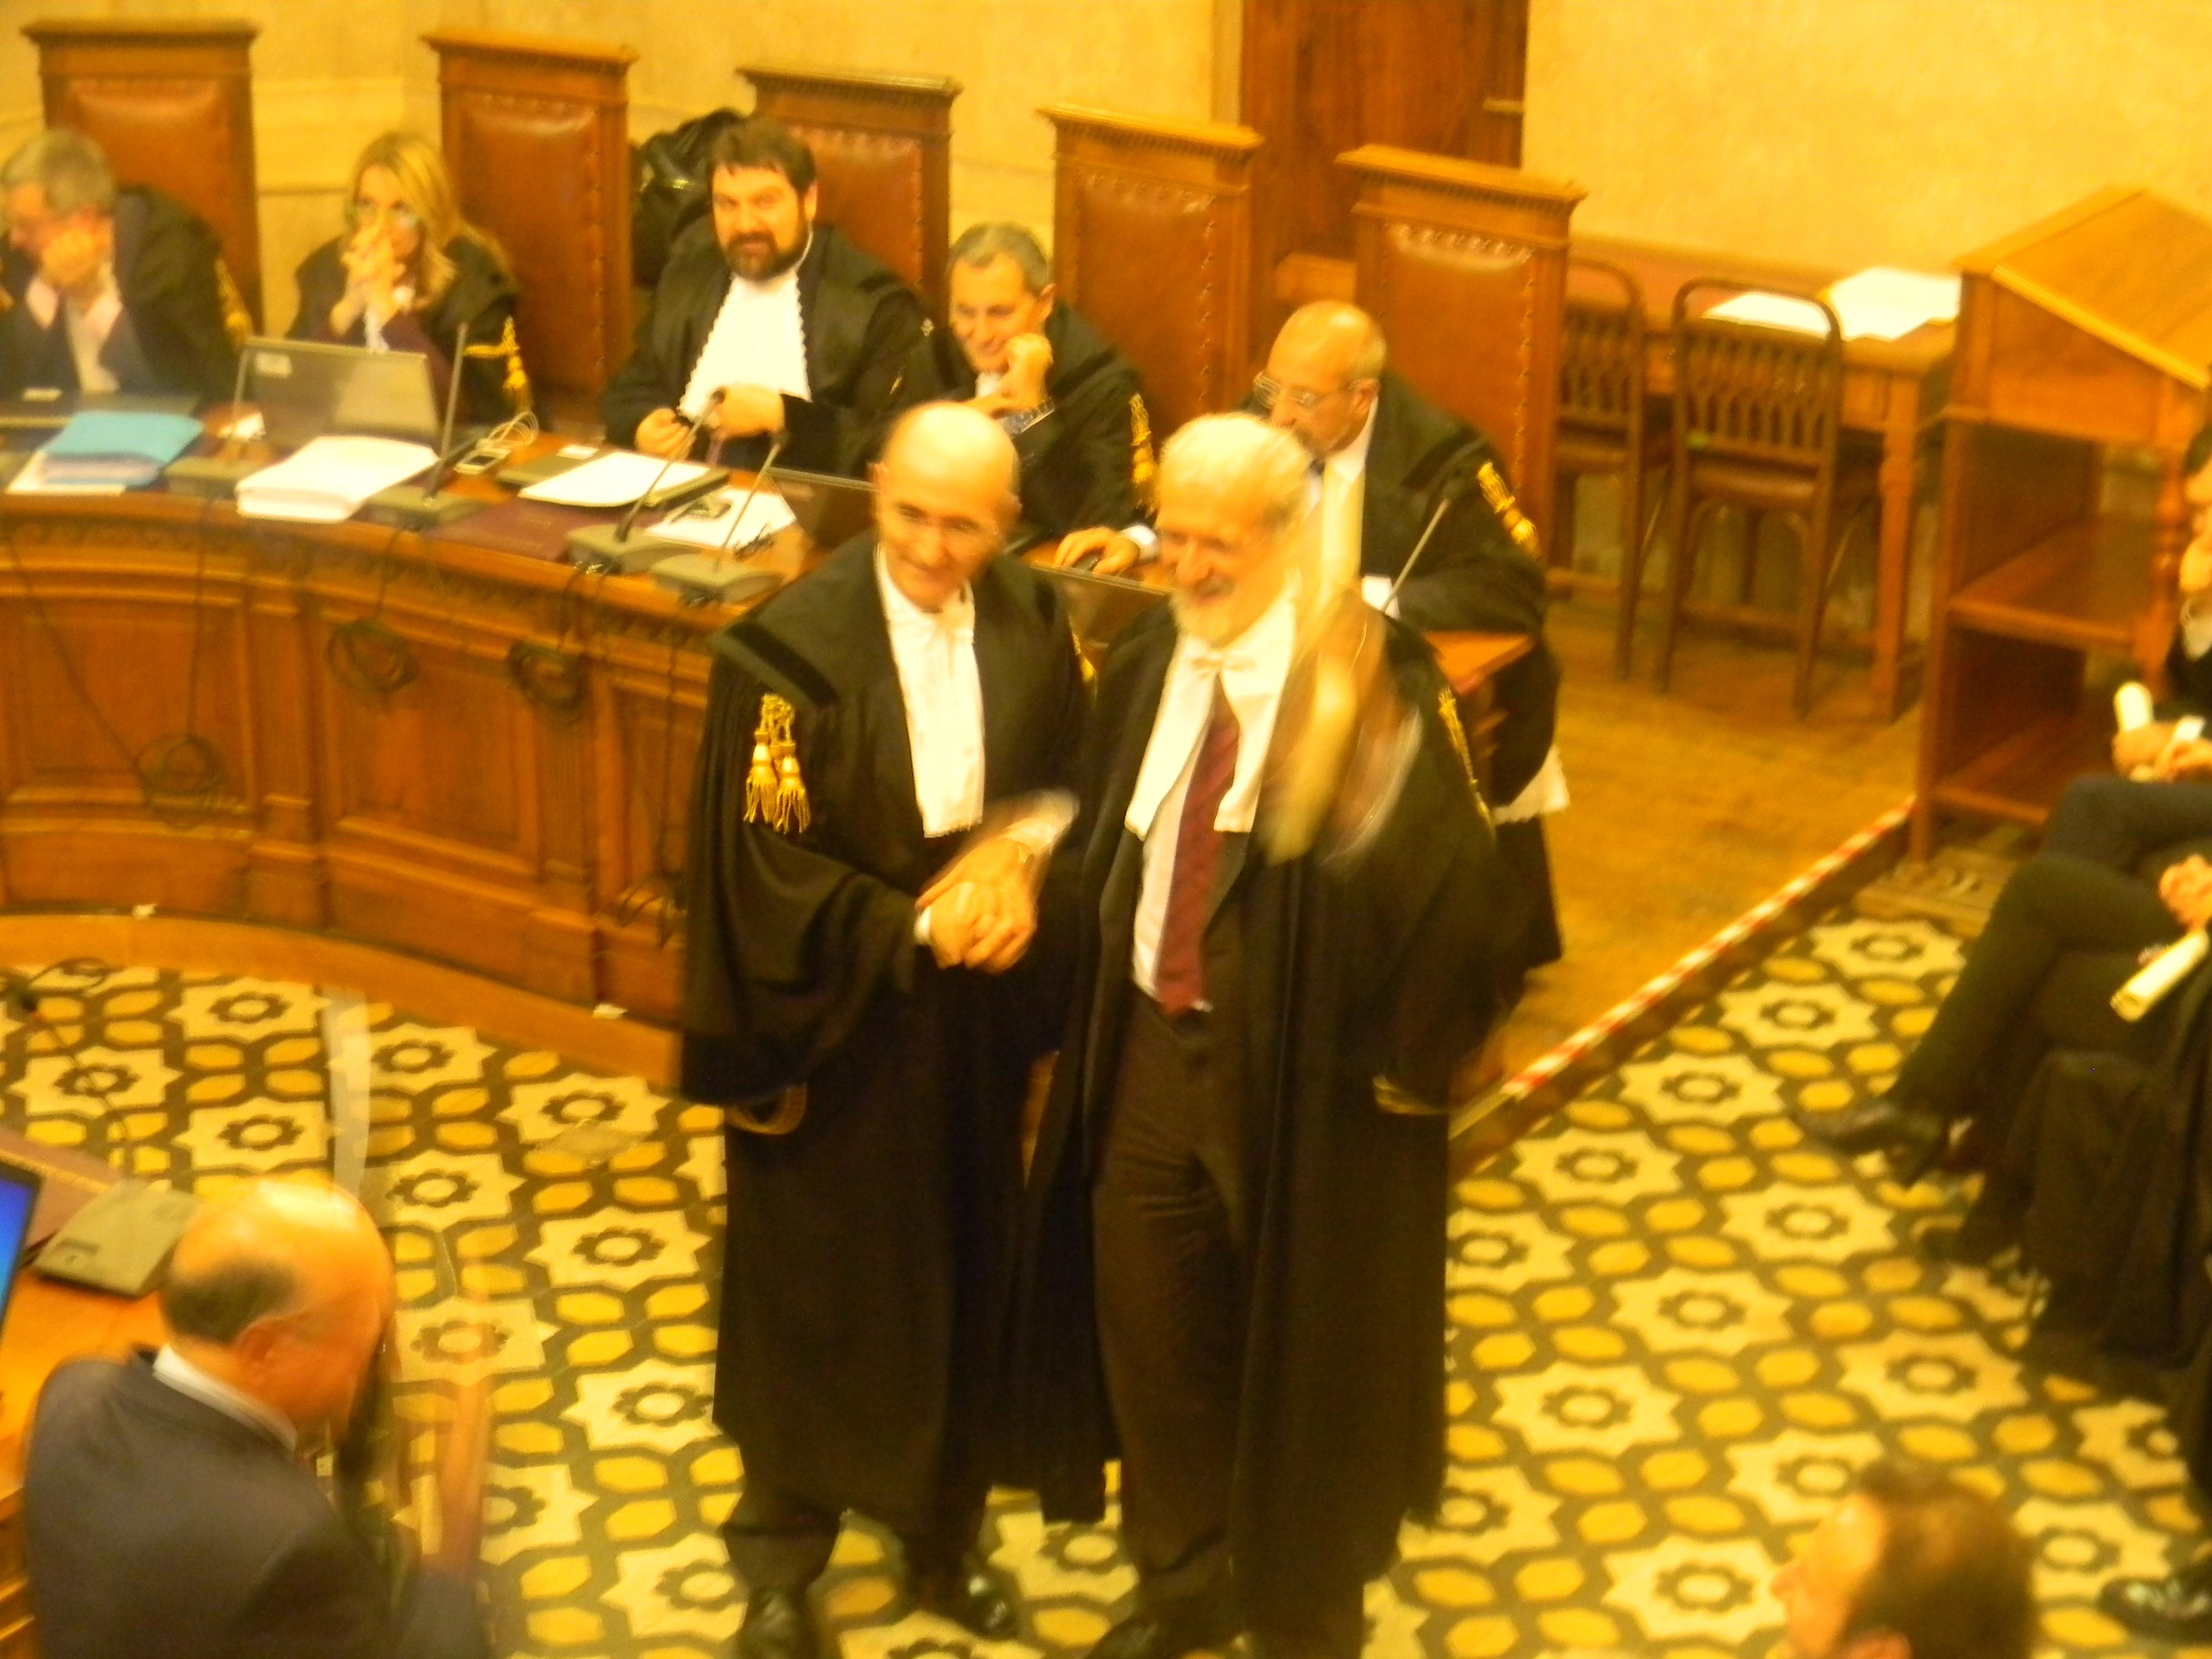 L'avv. Romolo Reboa con il Presidente del COA di Roma avv. Mauro Vaglio per la foto di rito alla consegna della pergamena per i 30 anni di attività